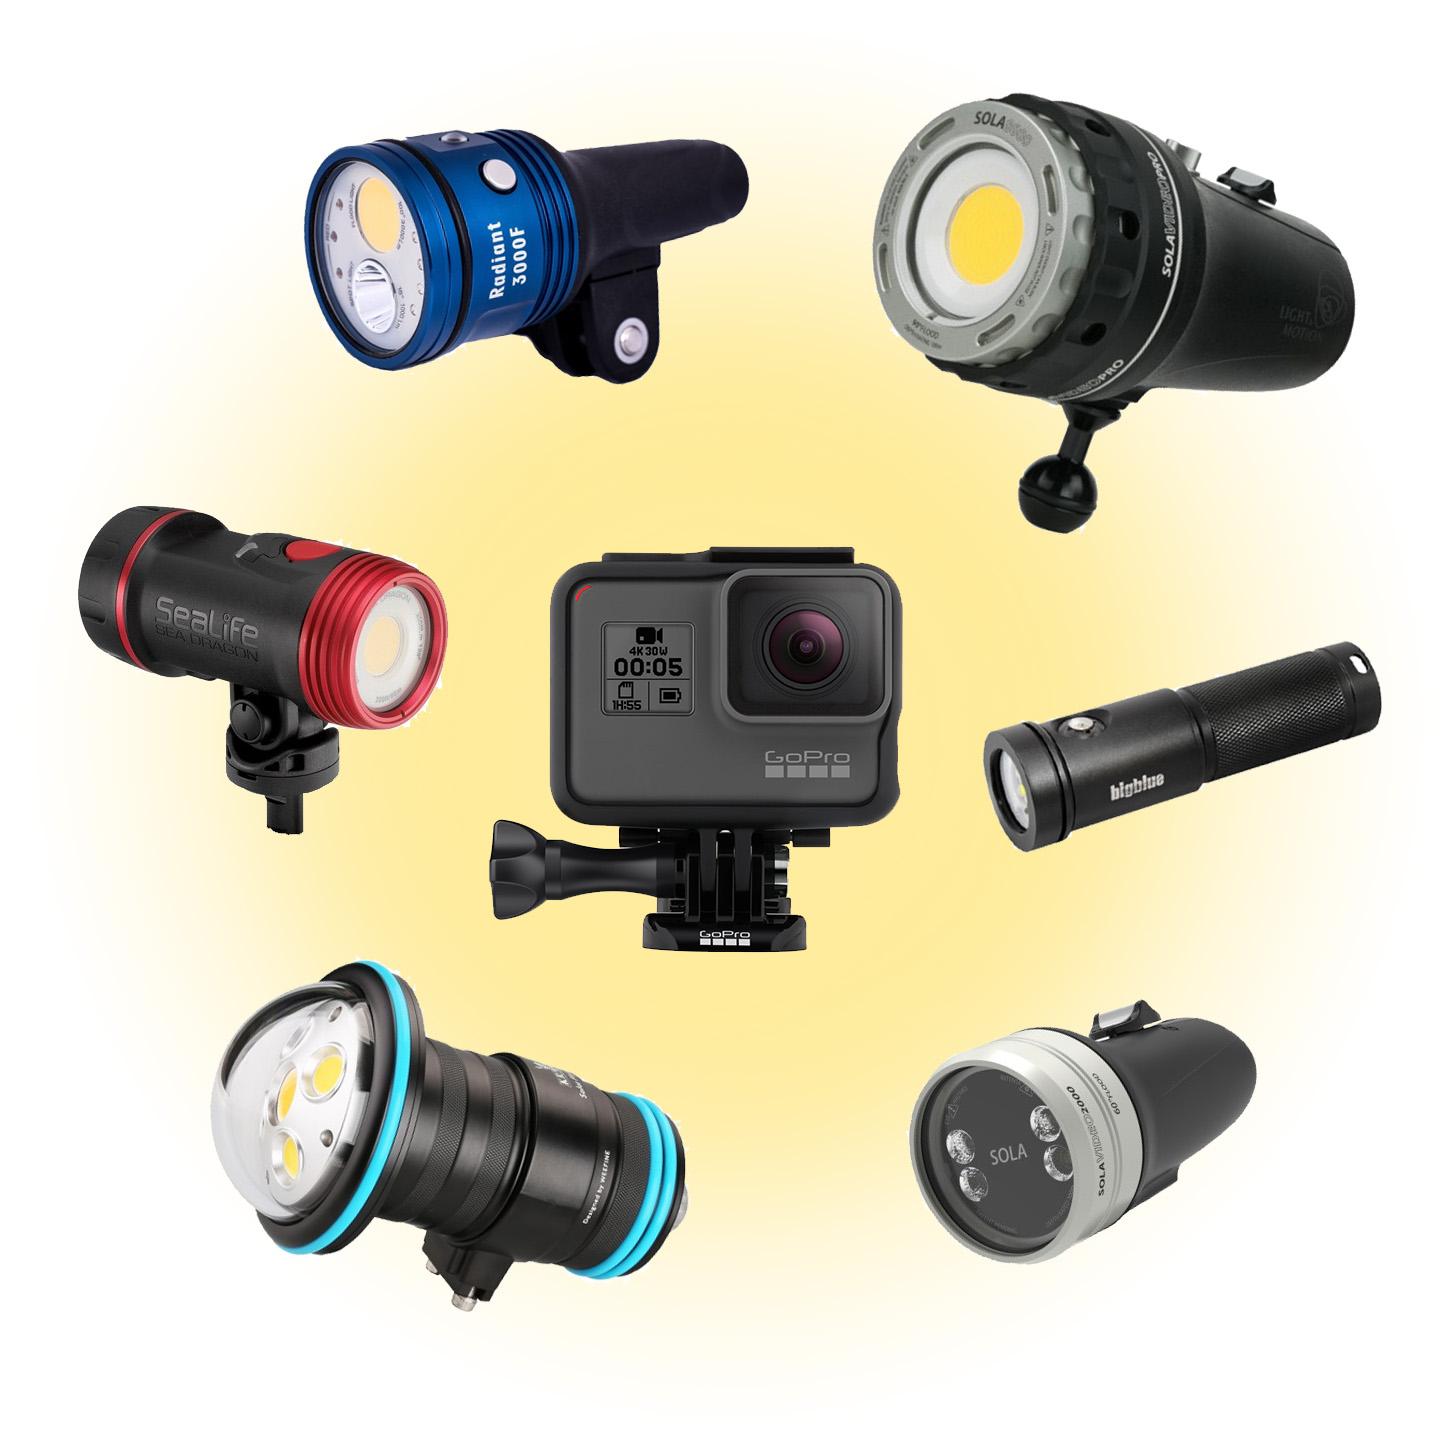 Underwater Light Holder Arm Mount Ball Base Adapter for Diving Flashlight